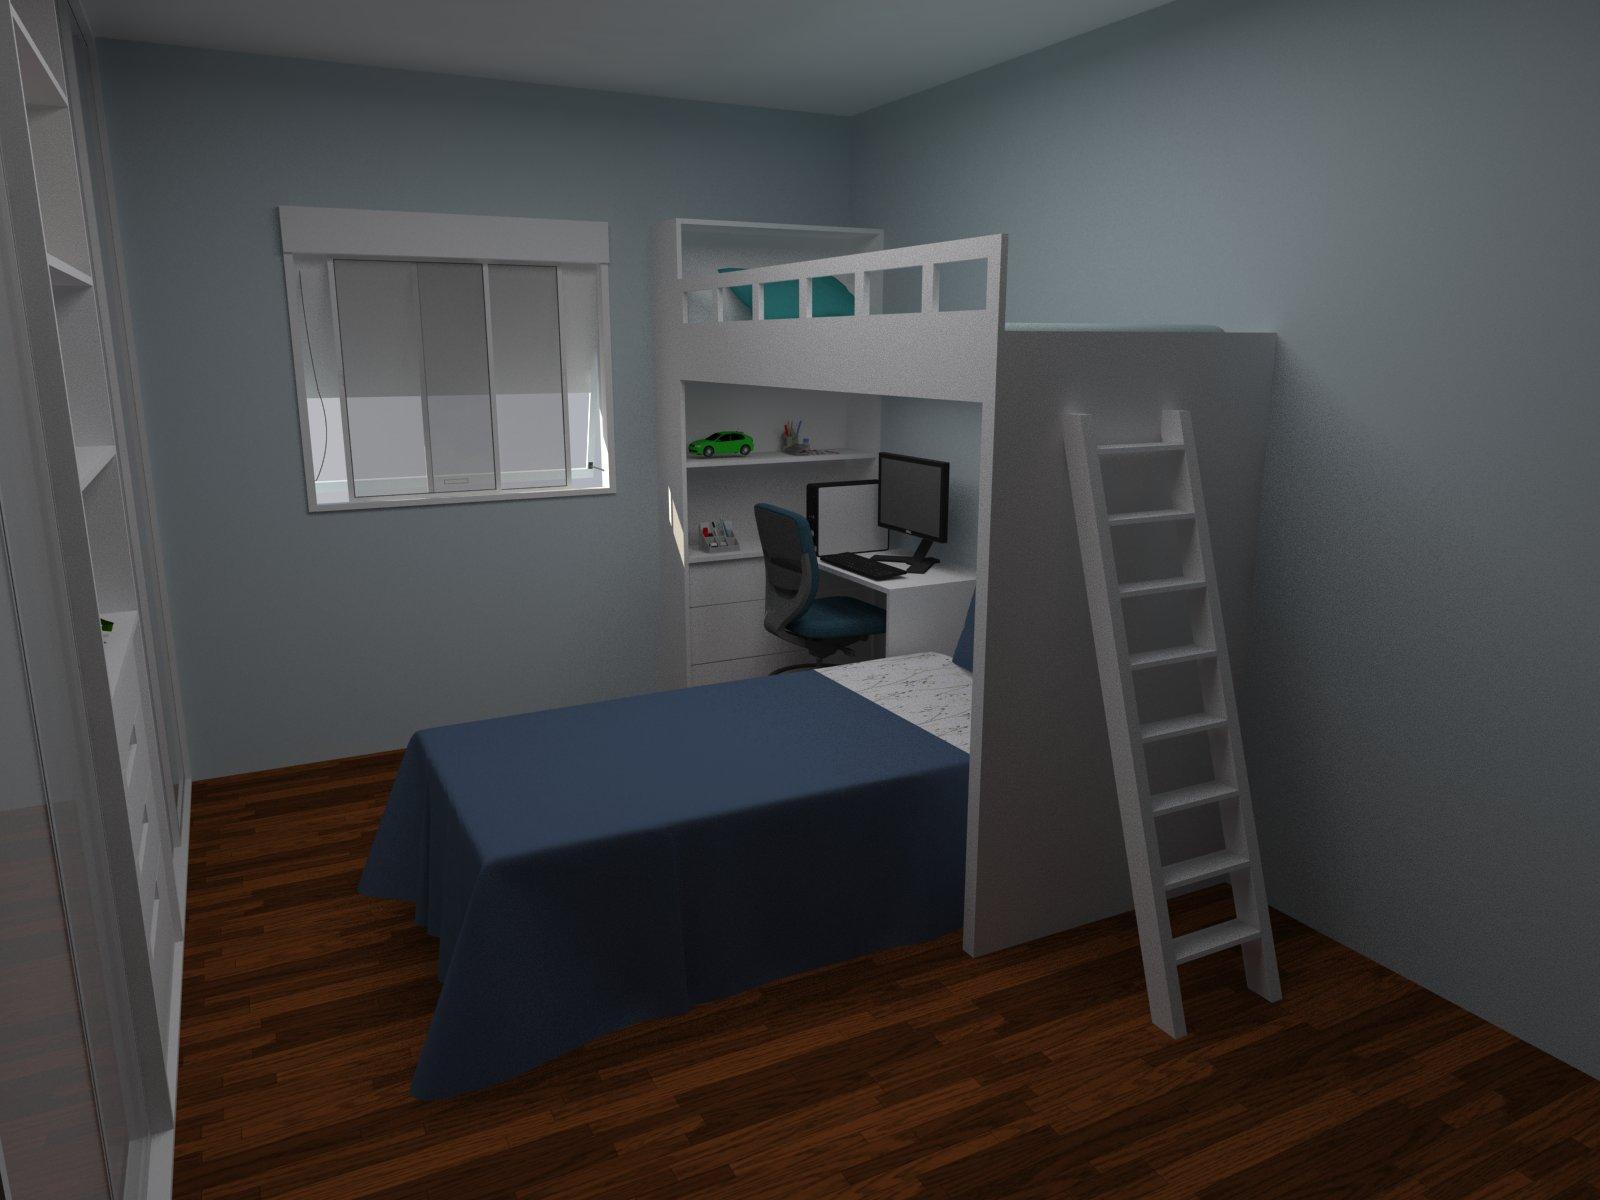 Cristine Berger Design de Interiores: Dormitório para meninos #355A35 1600x1200